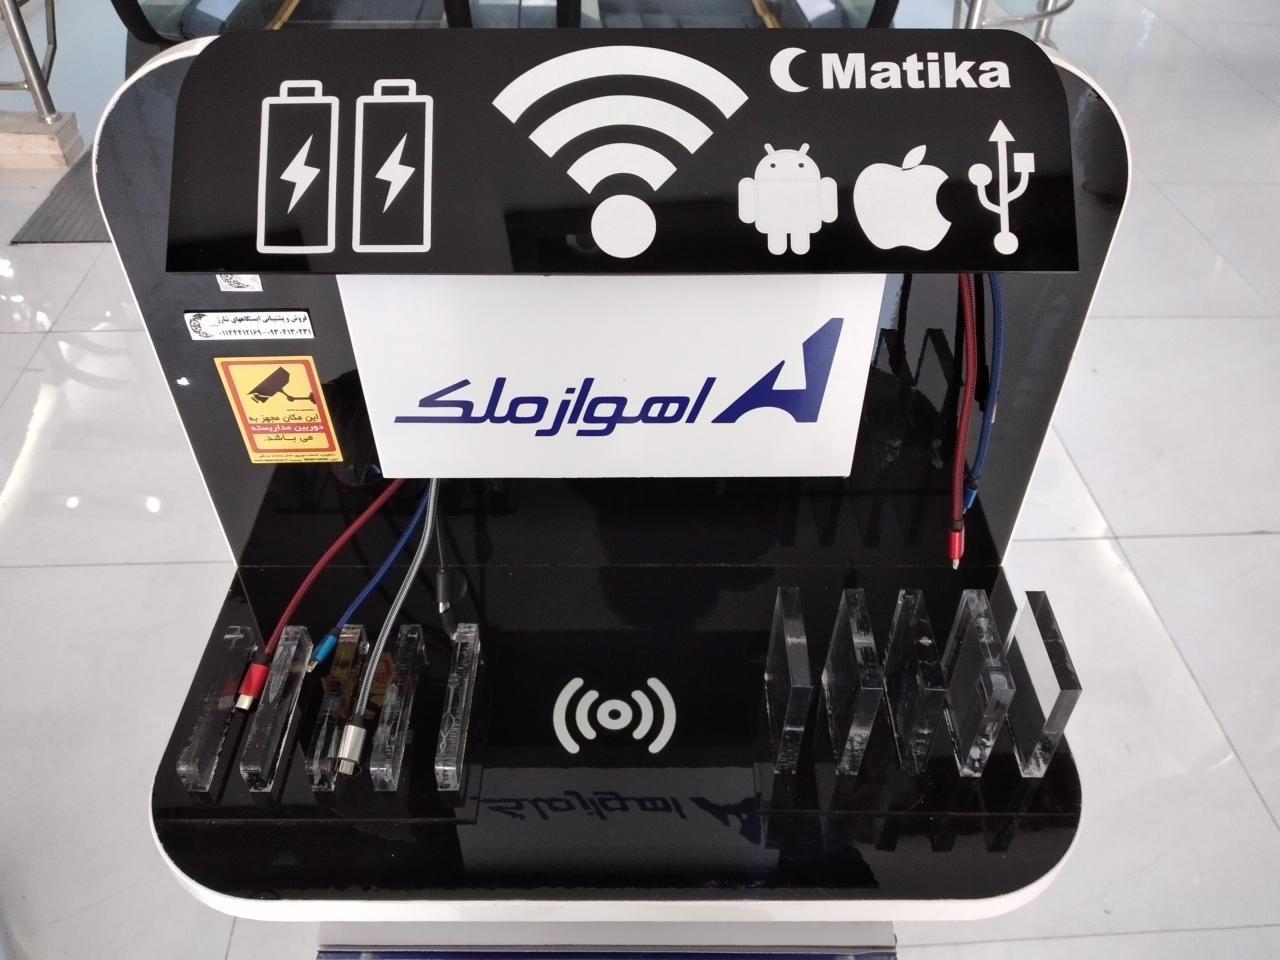 استند شارژر موبایل مدل TWIIP-L پایه دار با ظاهری زیبا و کیفیت مناسب دارای قابلیت شارژ فست همزمان ۸ گوشی موبایل و تبلت از انواع مختلف و یک شارژر وایرلس روکار می باشد که باتوجه به ابعاد آن ۲۲×۱۳۲×۴۲ سانتی متر امکان قرار گیری و نصب روی زمین در هر نقطه ای را دارد و امکان نصب لوگو برند روی دستگاه وجود دارد و همچنین دارای فضای تبلیغاتیCM ۲۸×9۰ به صورت لایت باکس در روی پایه ها می باشد، موبایلها در دوحالت عمودی و افقی امکان قرارگیری روی دستگاه را دارند. دستگاه دارای محافظ ولتاژ و پریزهای برق اضافی در پشت دستگاه می باشد، دستگاه دارای اسکلت فلزی و وزنی حدود ۲۰ کیلوگرم برخوردار است و از ثبات بسیار زیادی بر روی پایه ها برخوردار است.